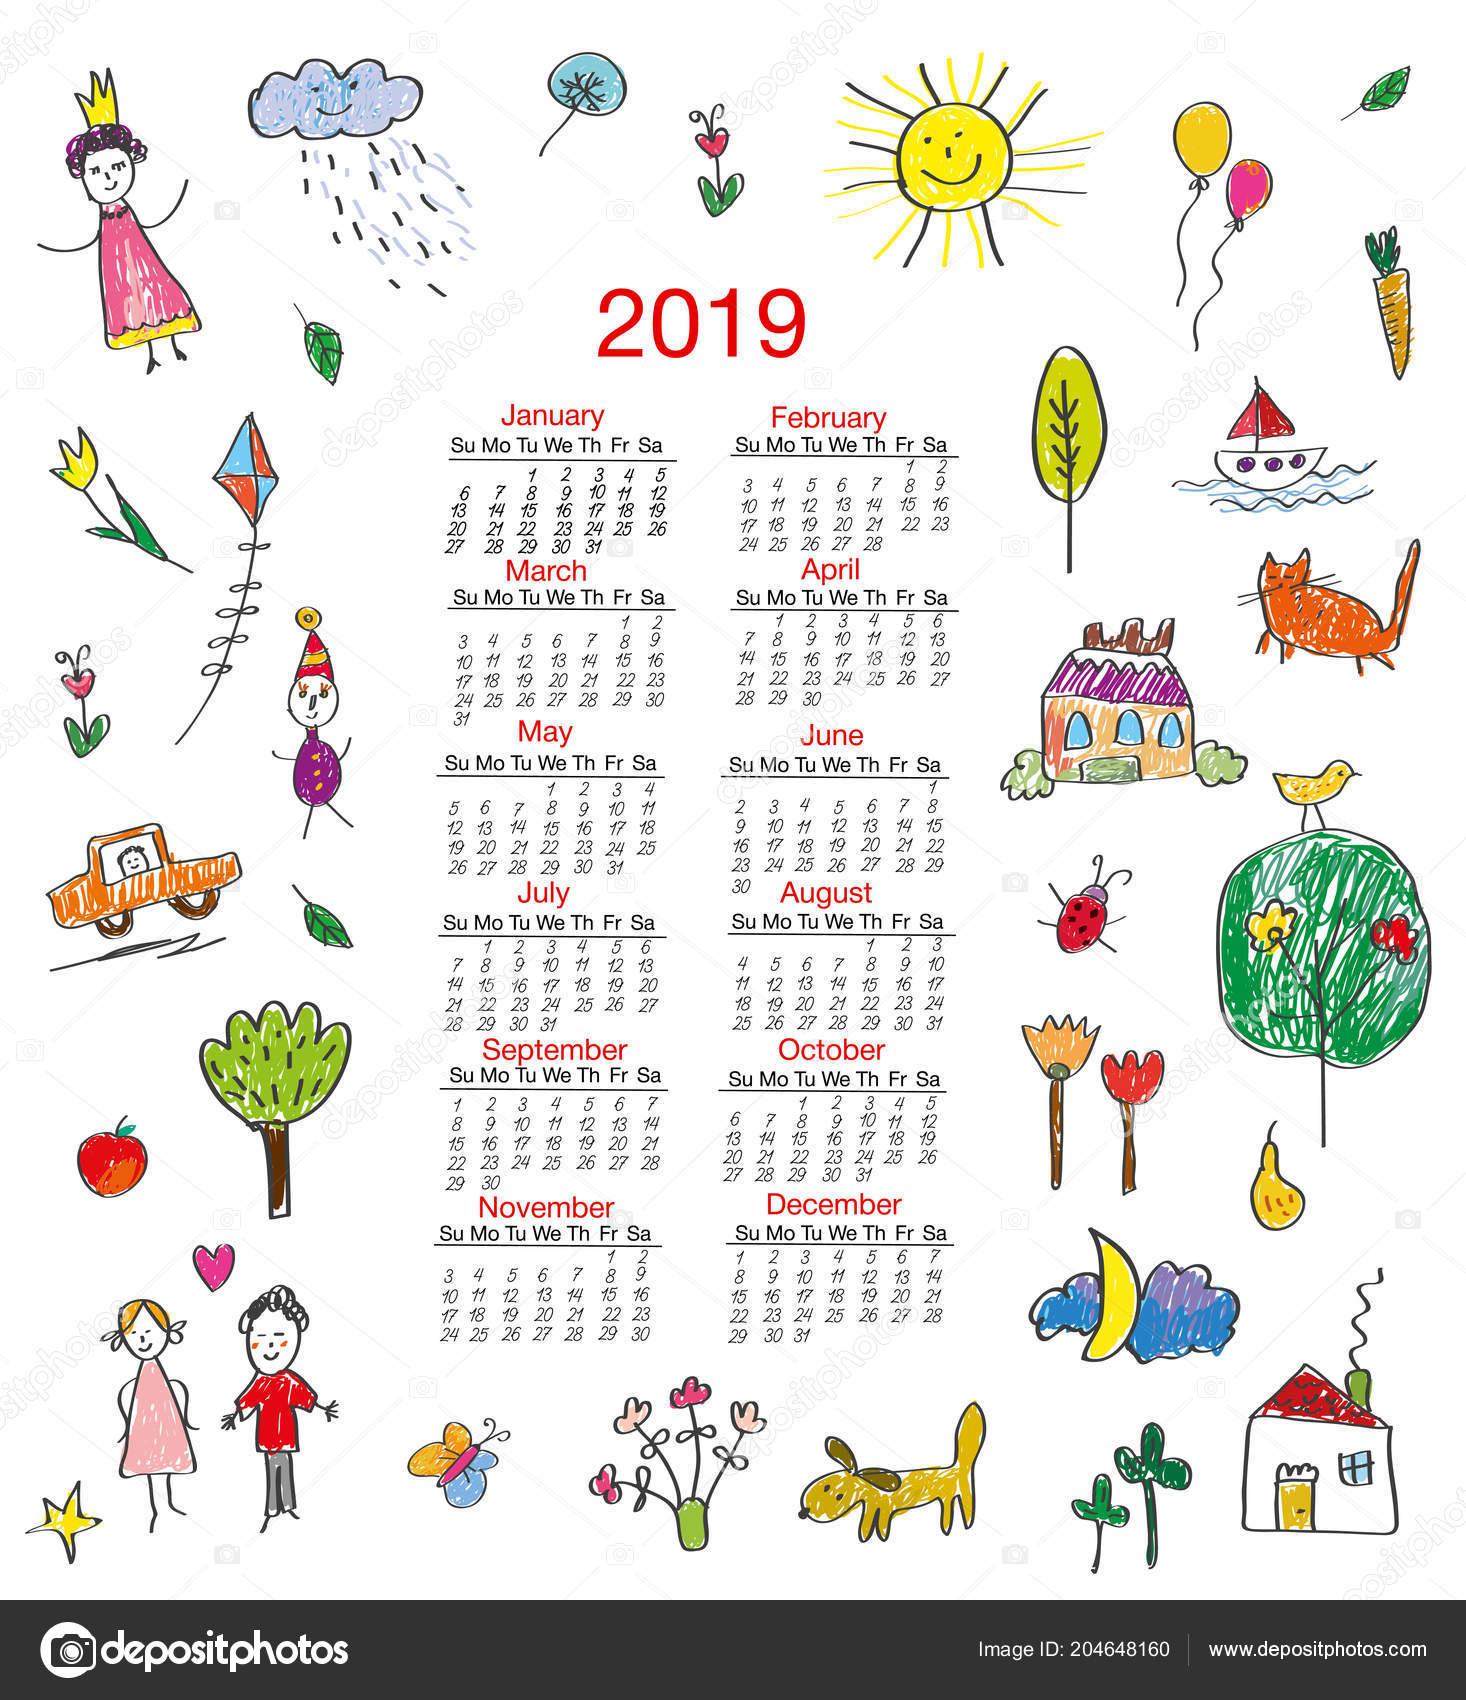 Календарь картинки для детей распечатать